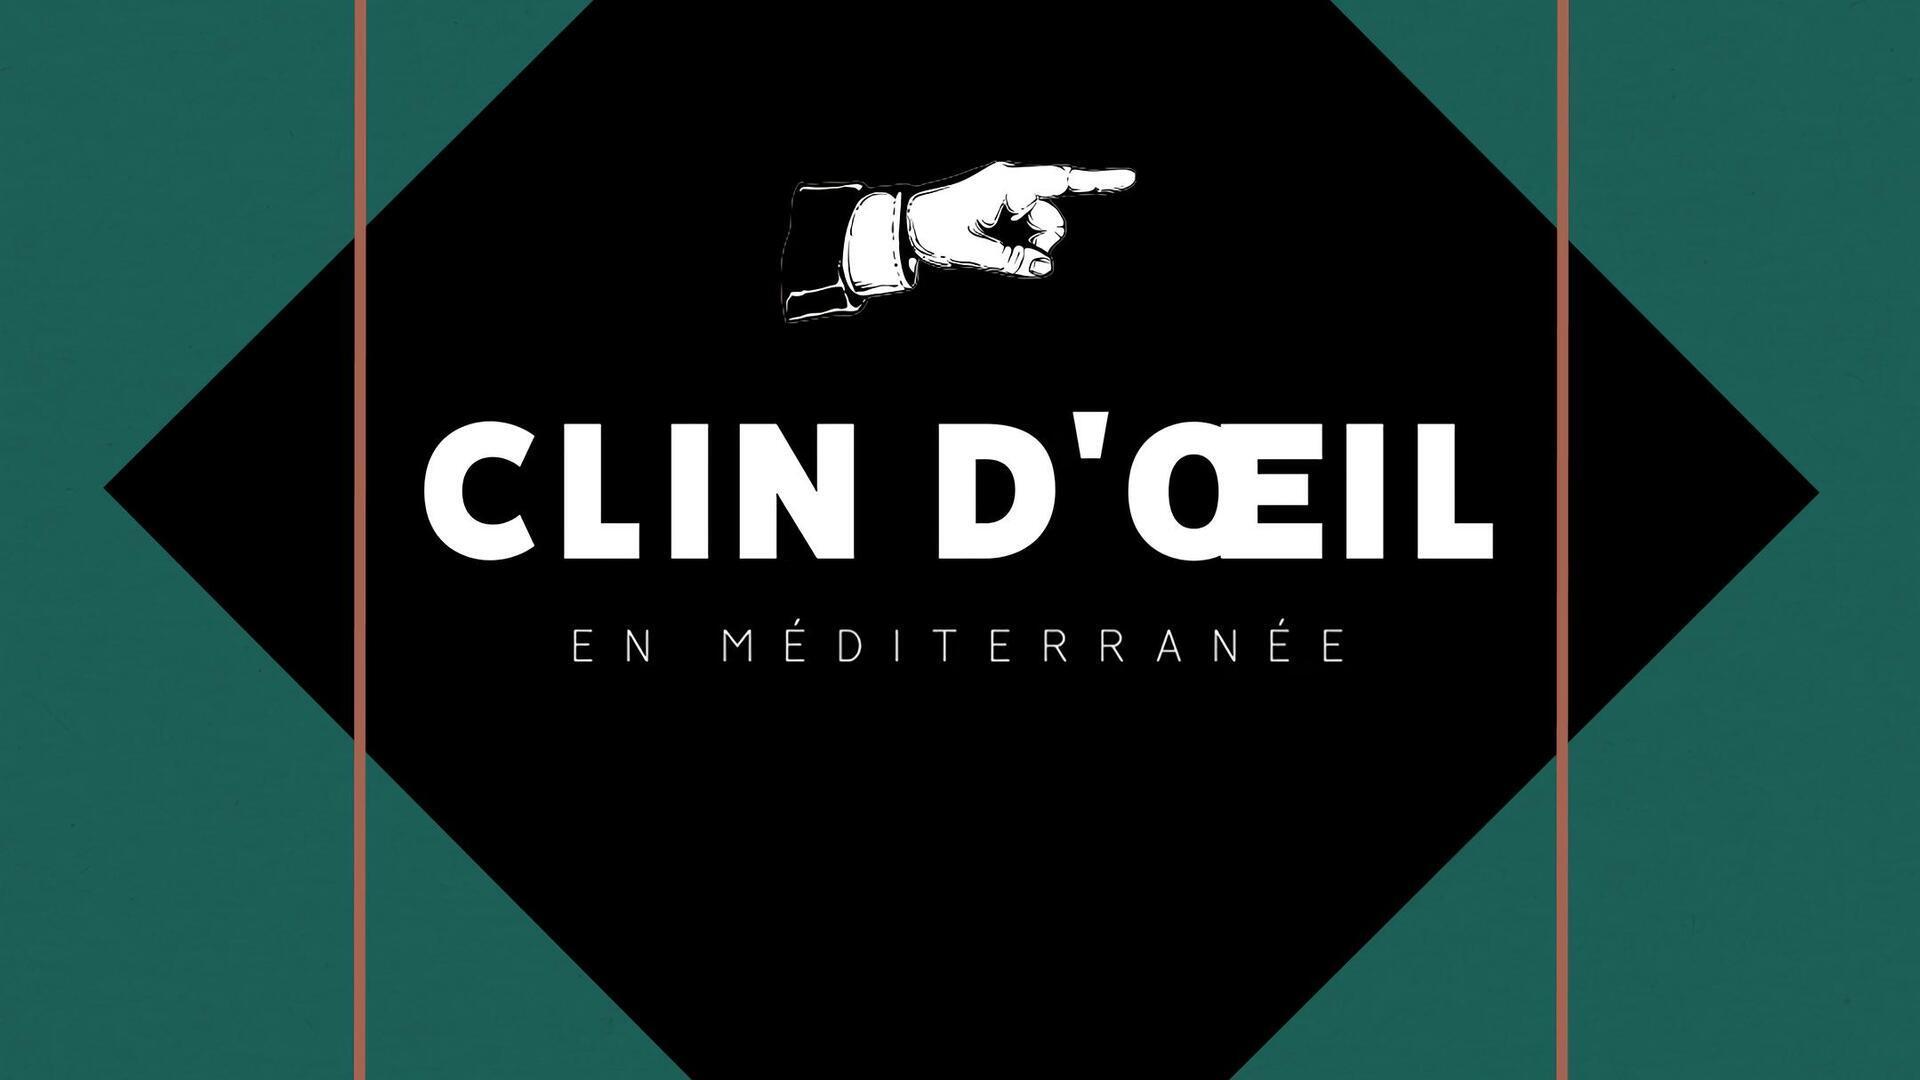 Clin d'oeil